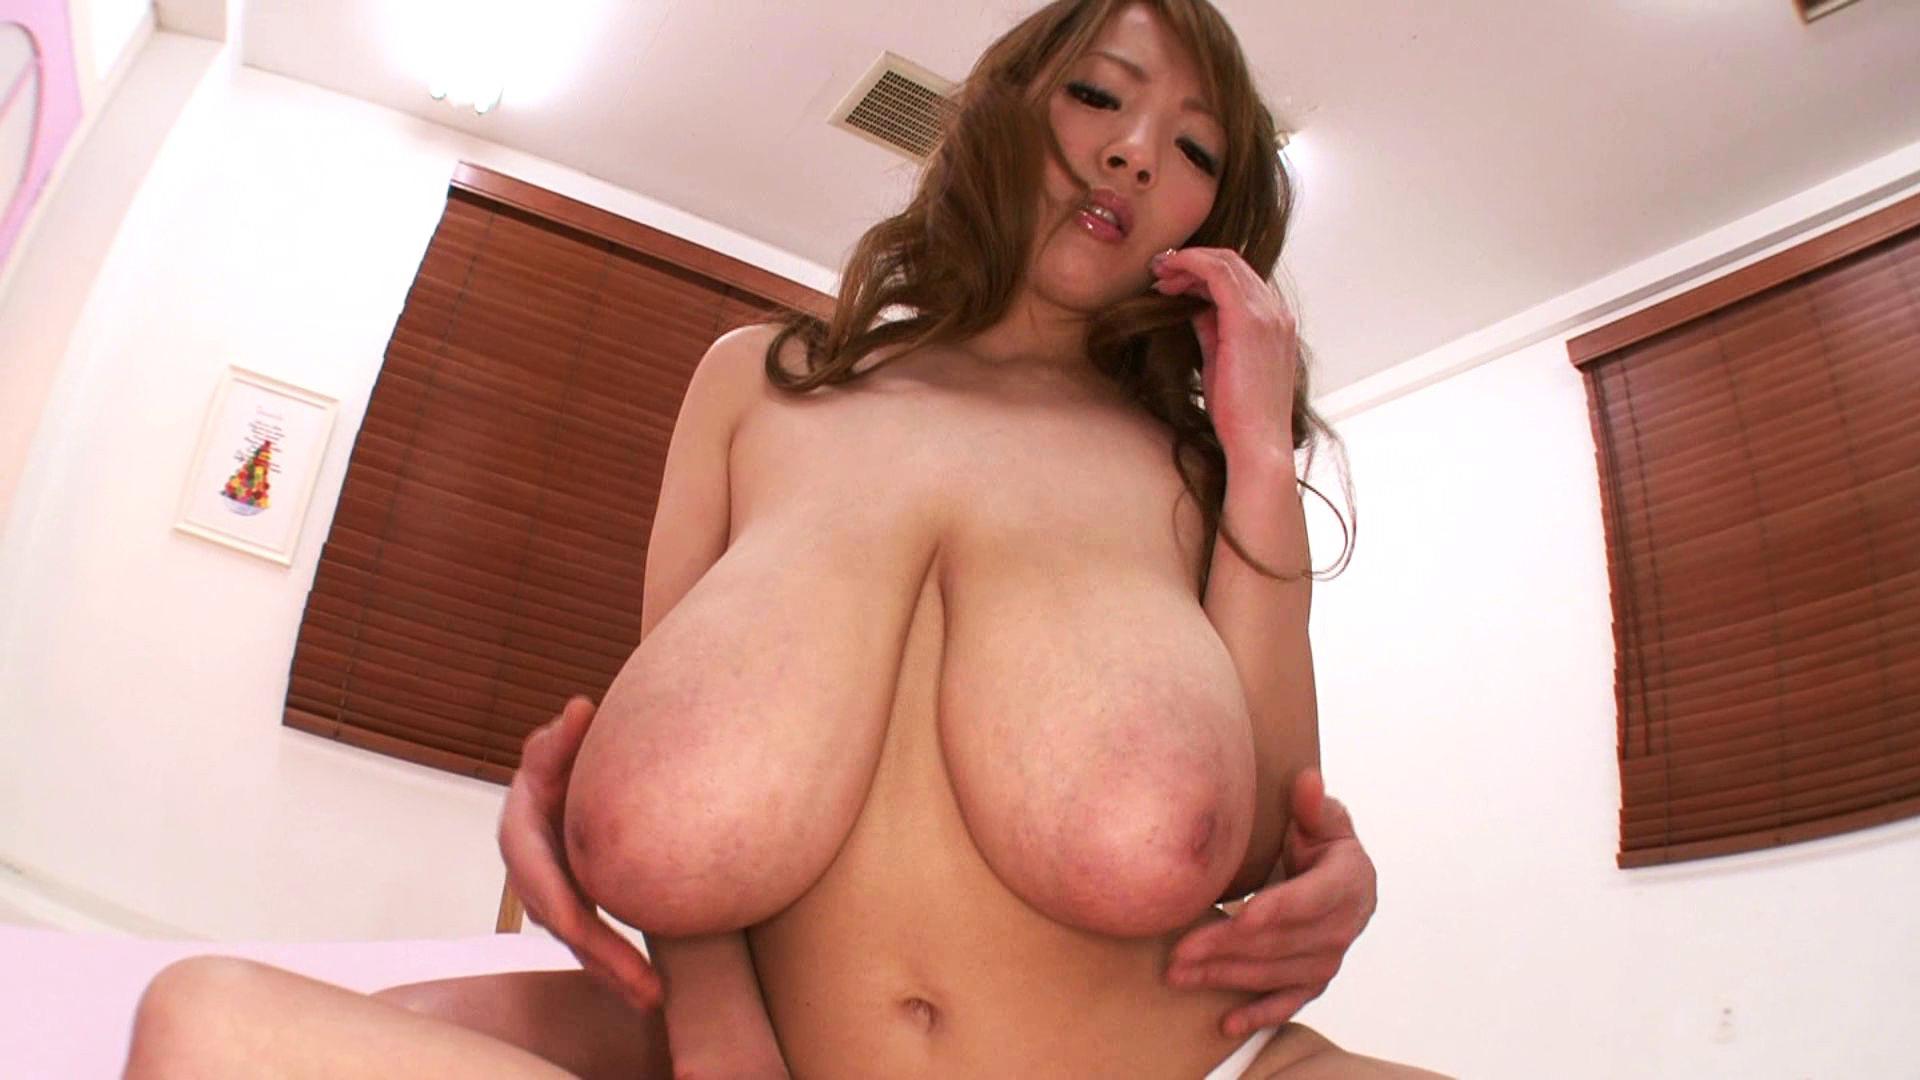 Big tits koca memeli - 1 part 6